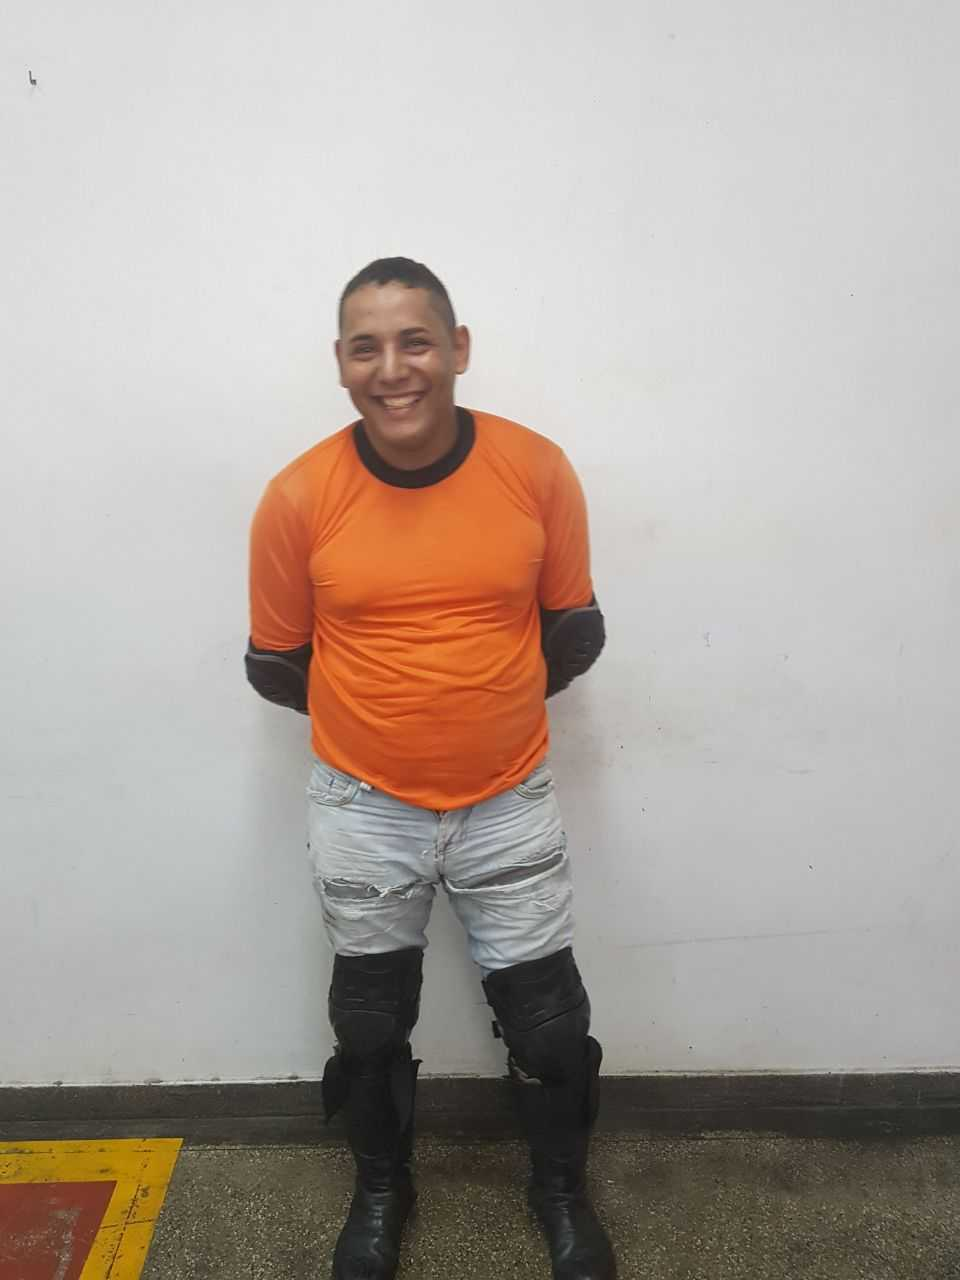 Mototaxista é detido com 1kg de entorpecente em Manaus - Imagem: Divulgação PM